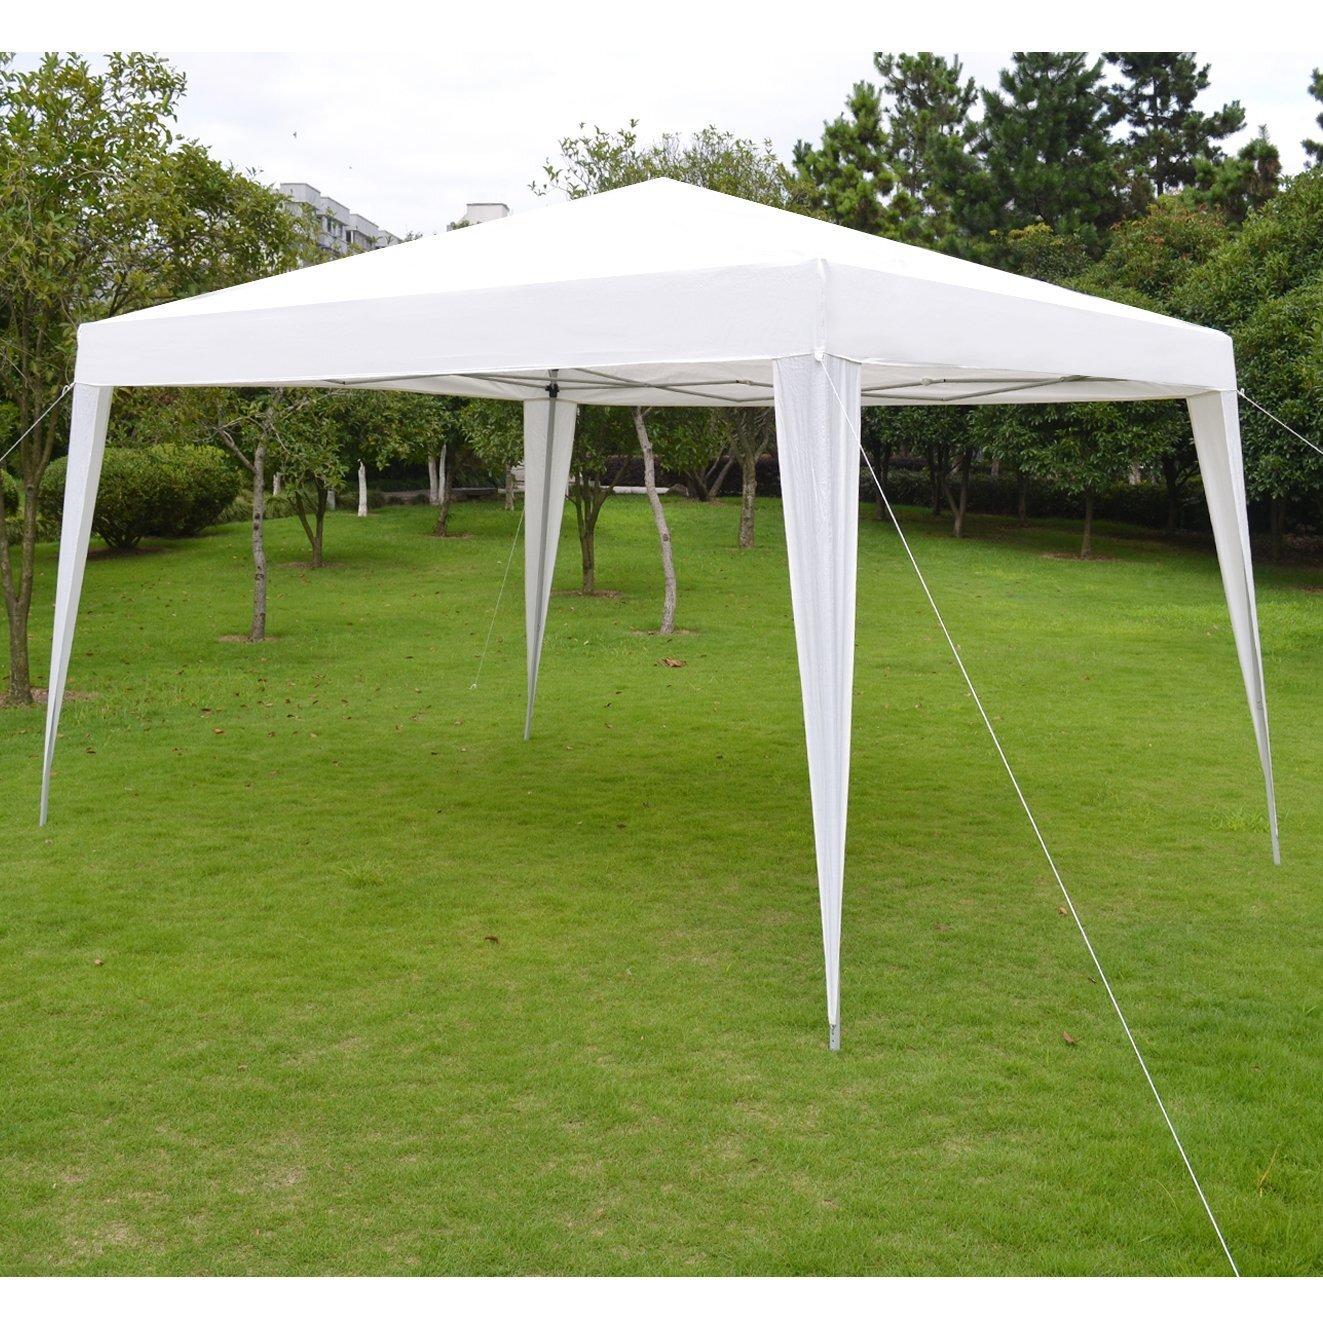 Pop Up Sunrise Outdoor Ltd Outdoor Canopies You Ll Love In 2021 Wayfair